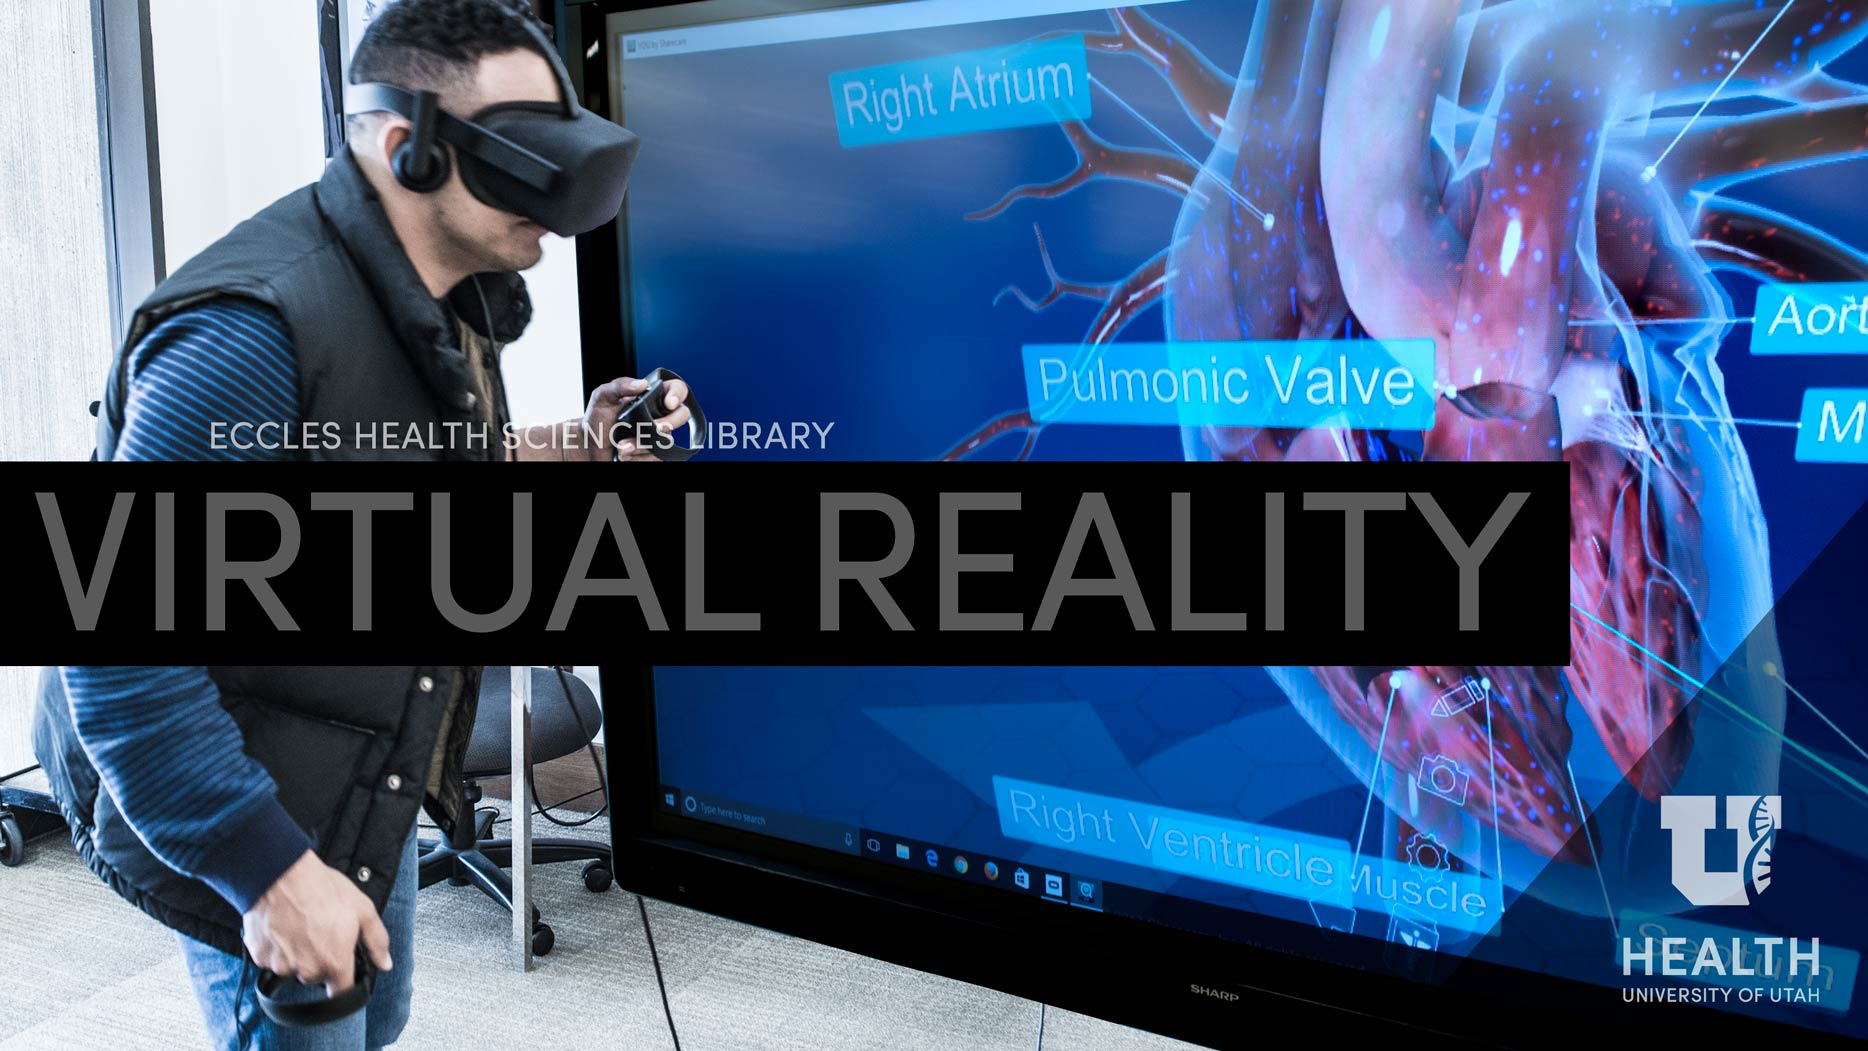 Explore VR at EHSL